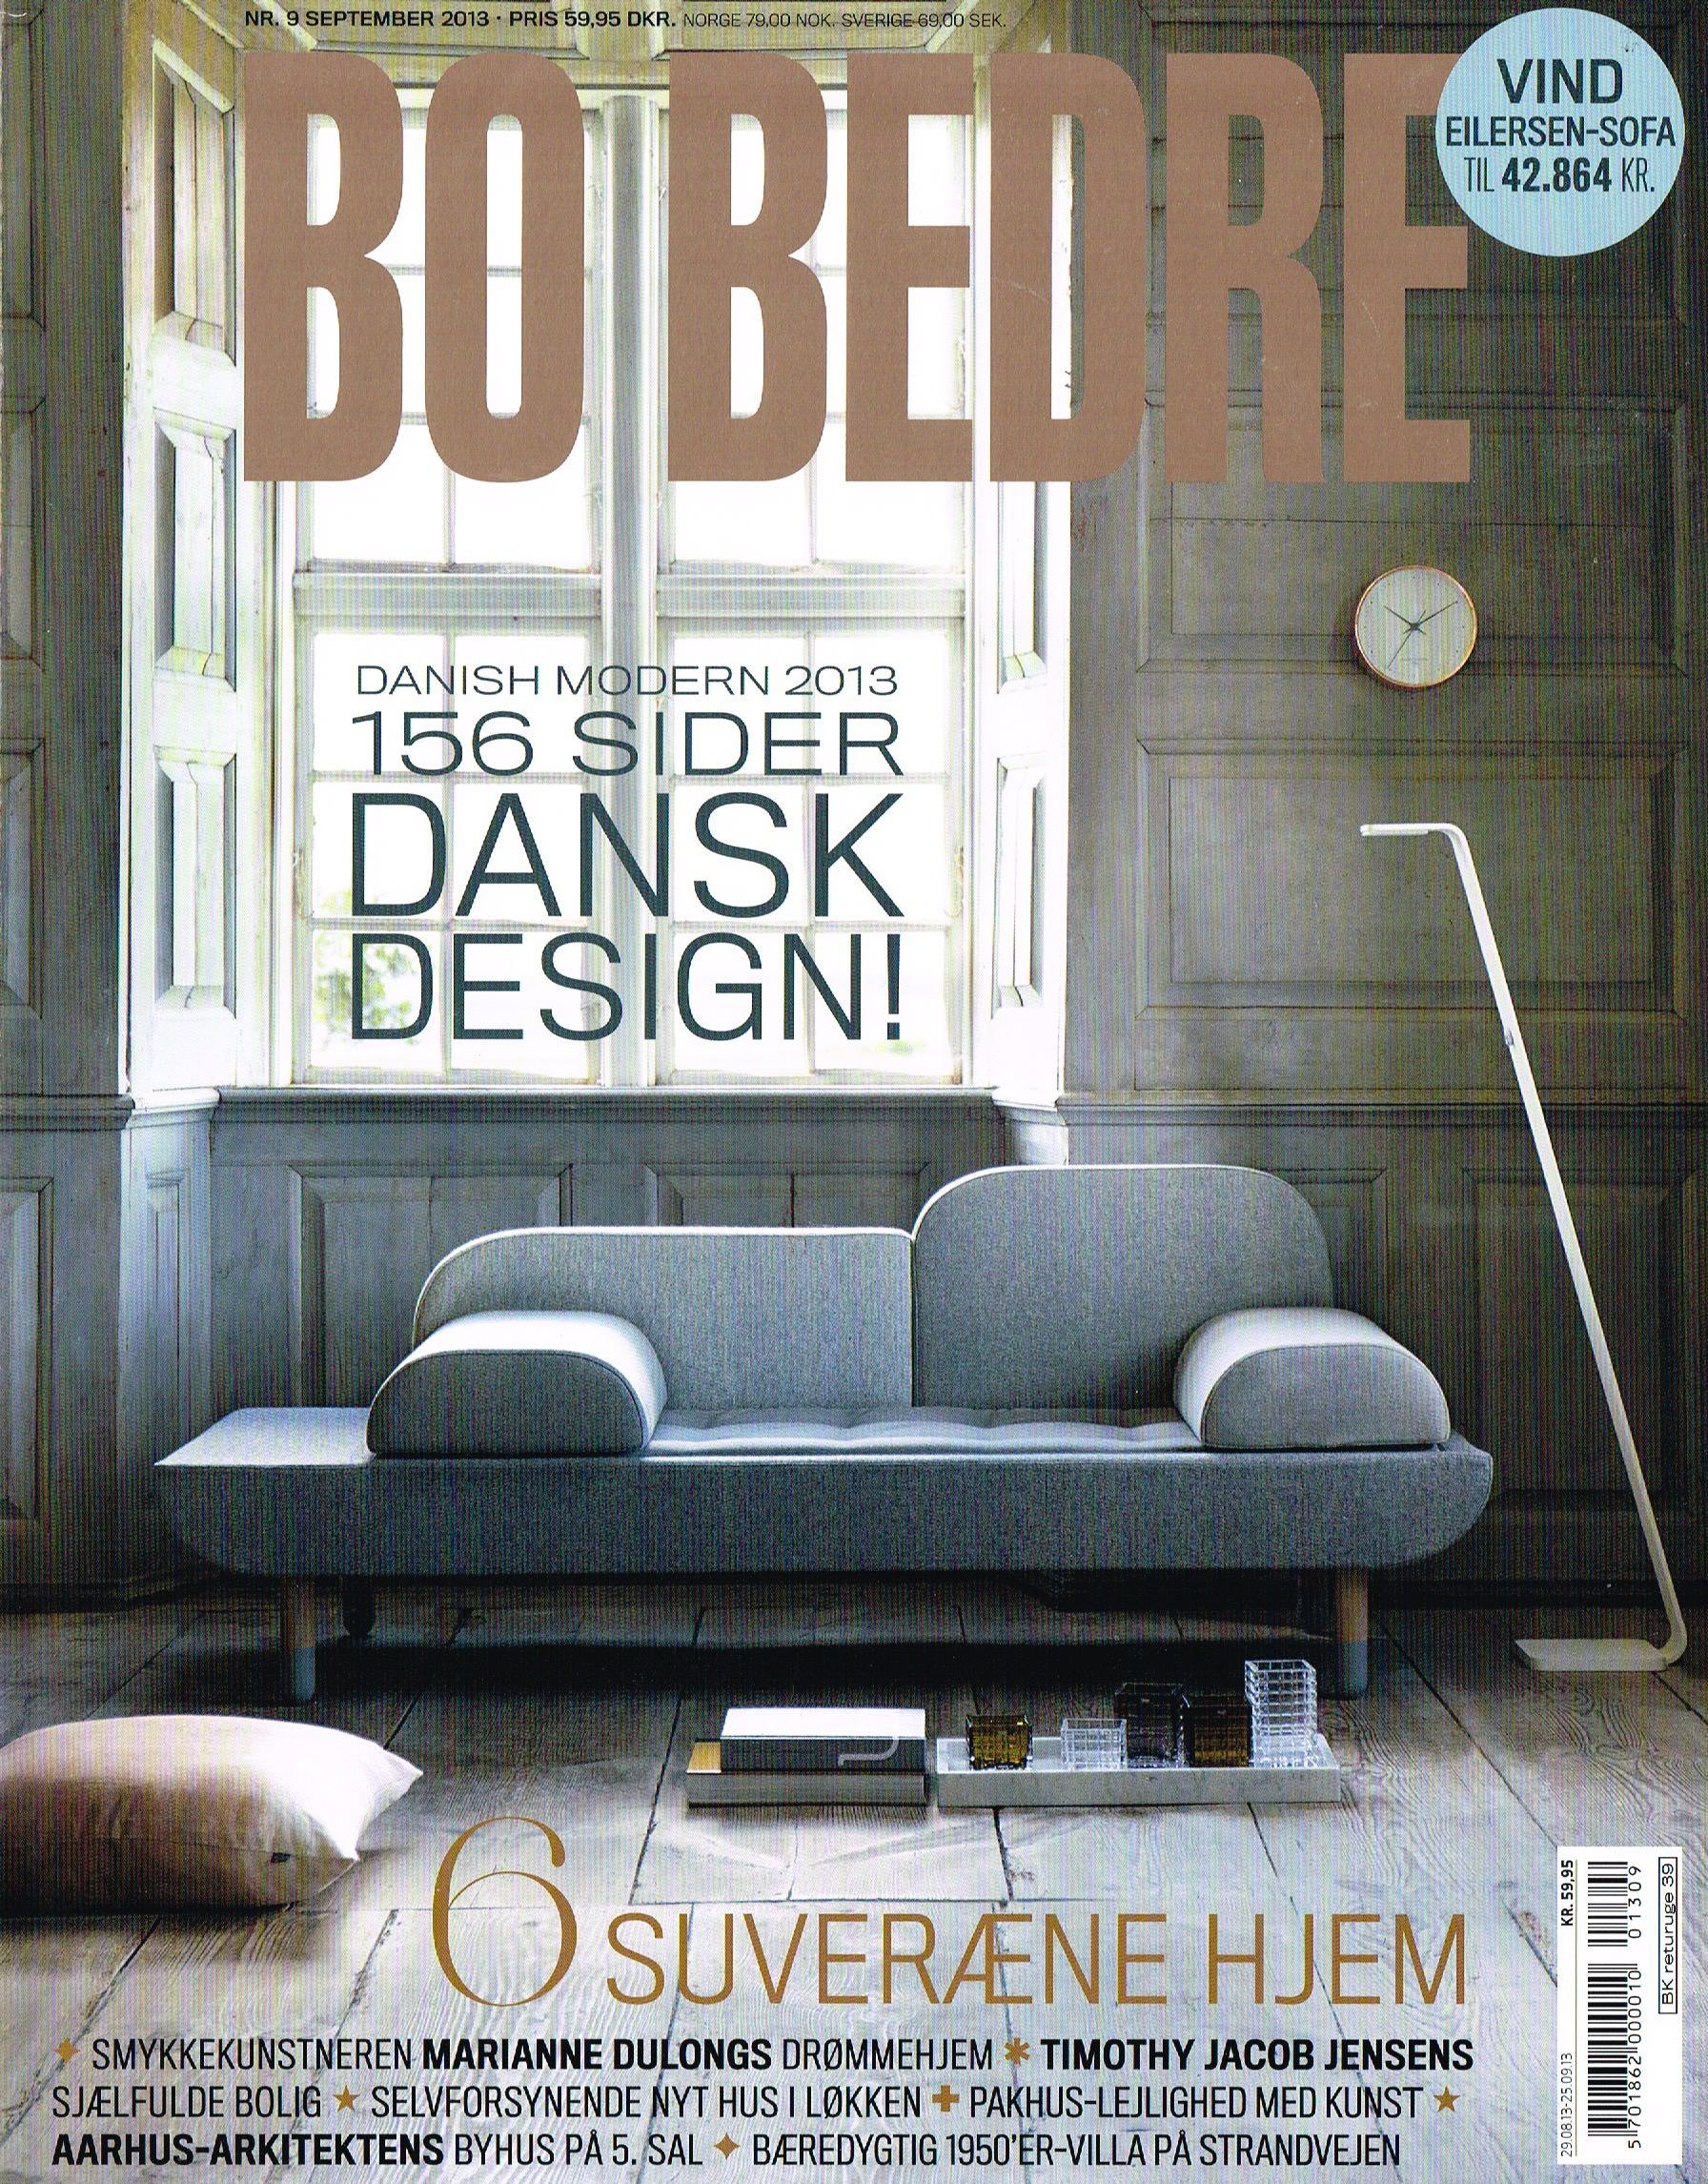 Bo Bedre Danish issue Lars Vejen september 2013